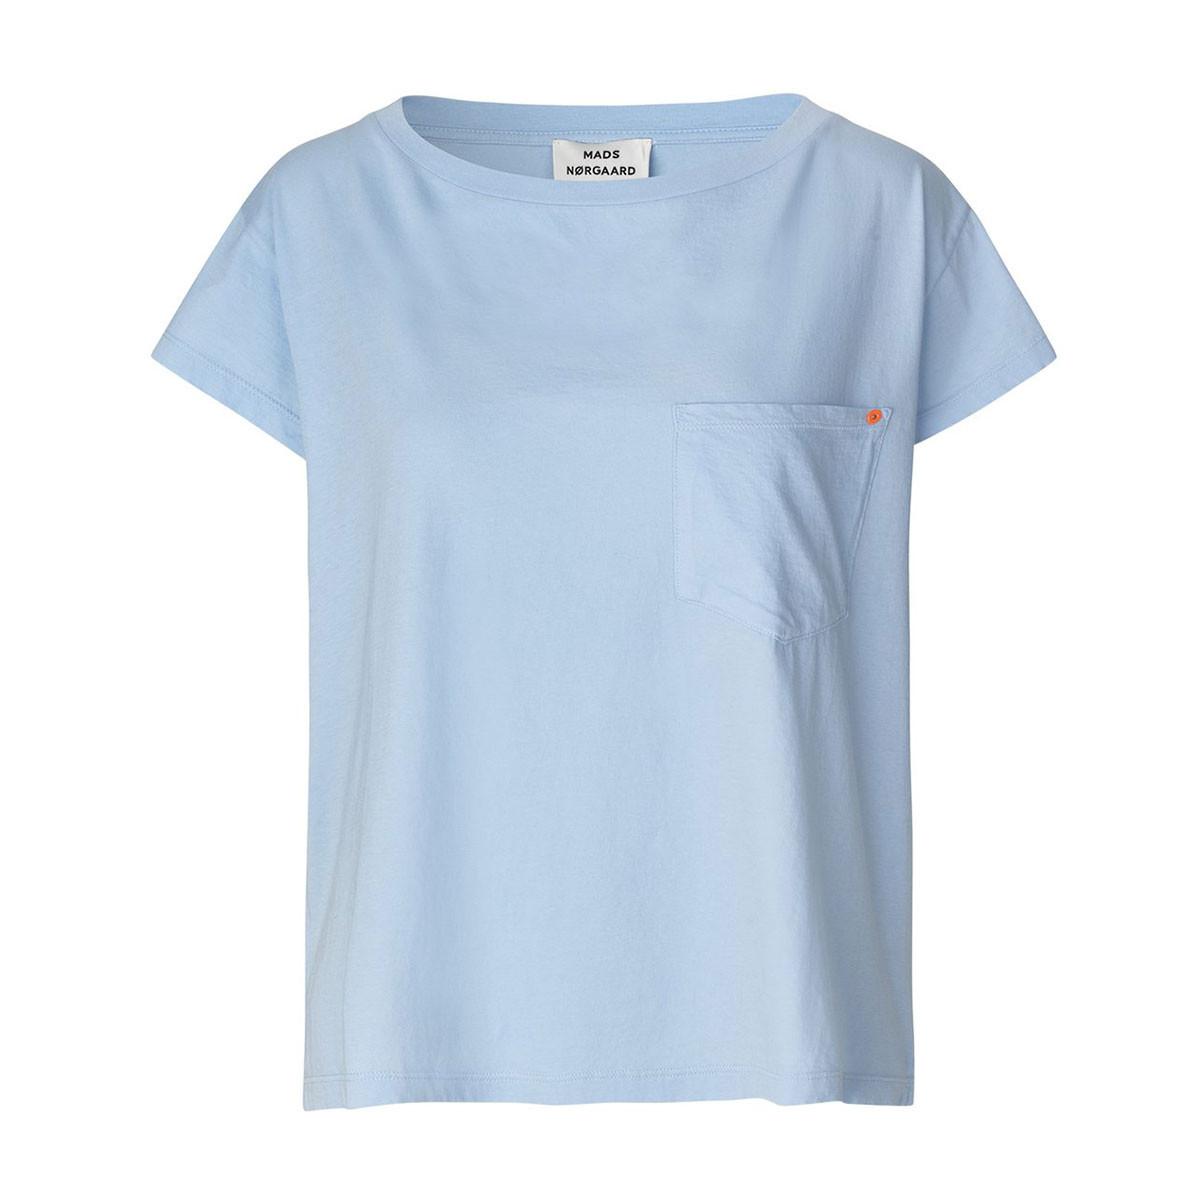 d7bf0d29 Mads Nørgaard | Klassisk tøj til kvinder - Køb online - Rikke Solberg